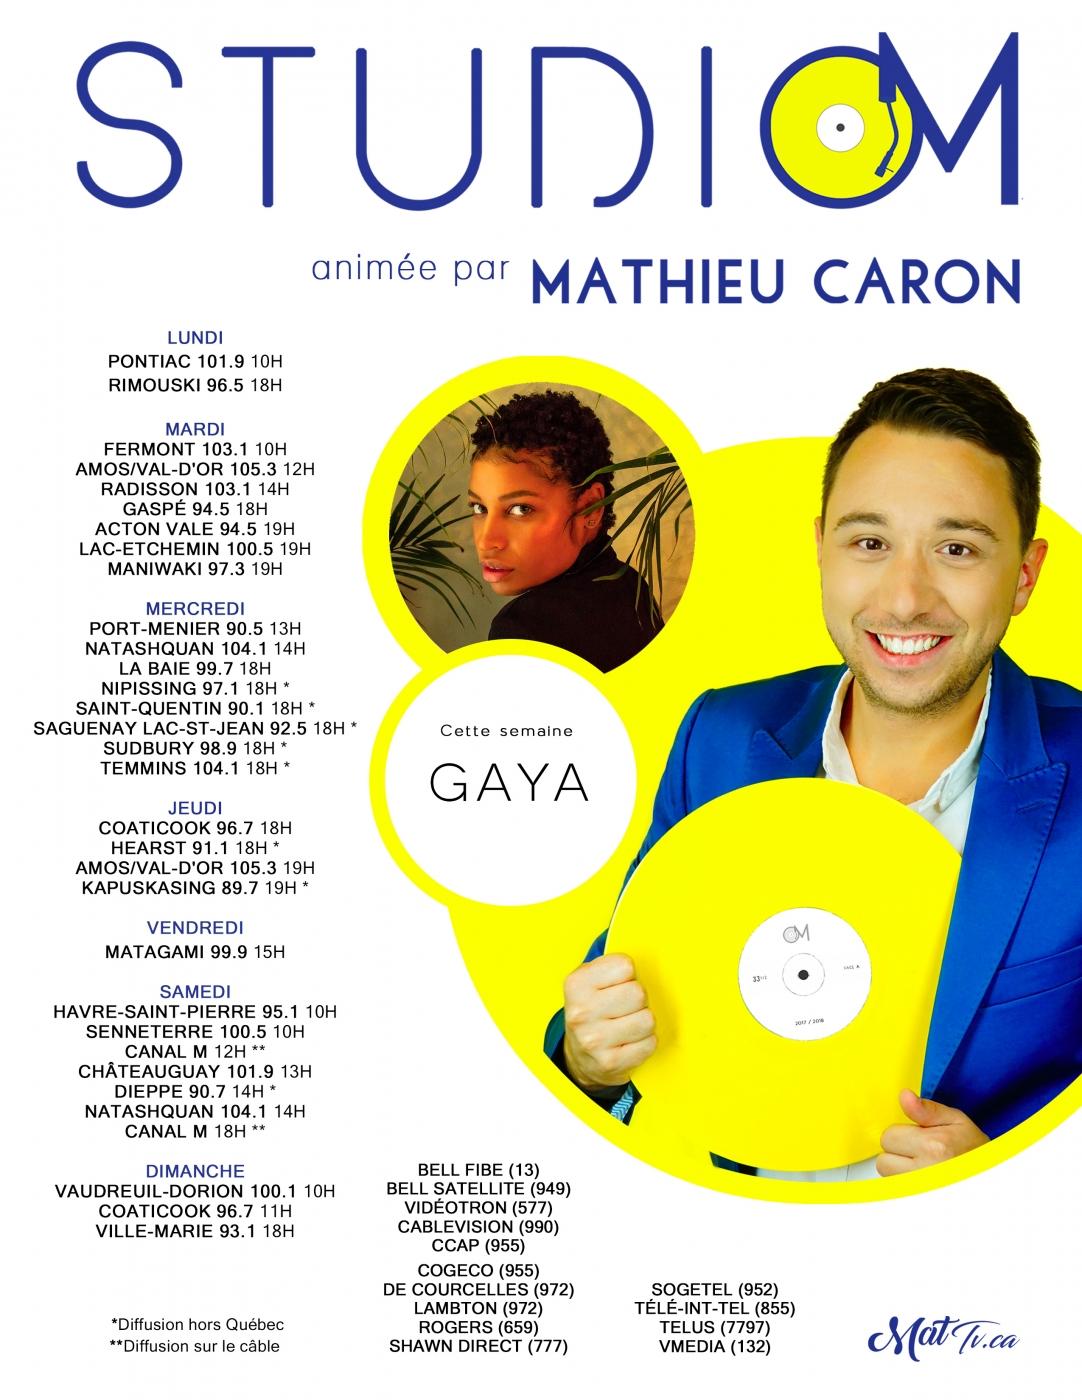 Mathieu 8x11 - GAYA 2018 (1)